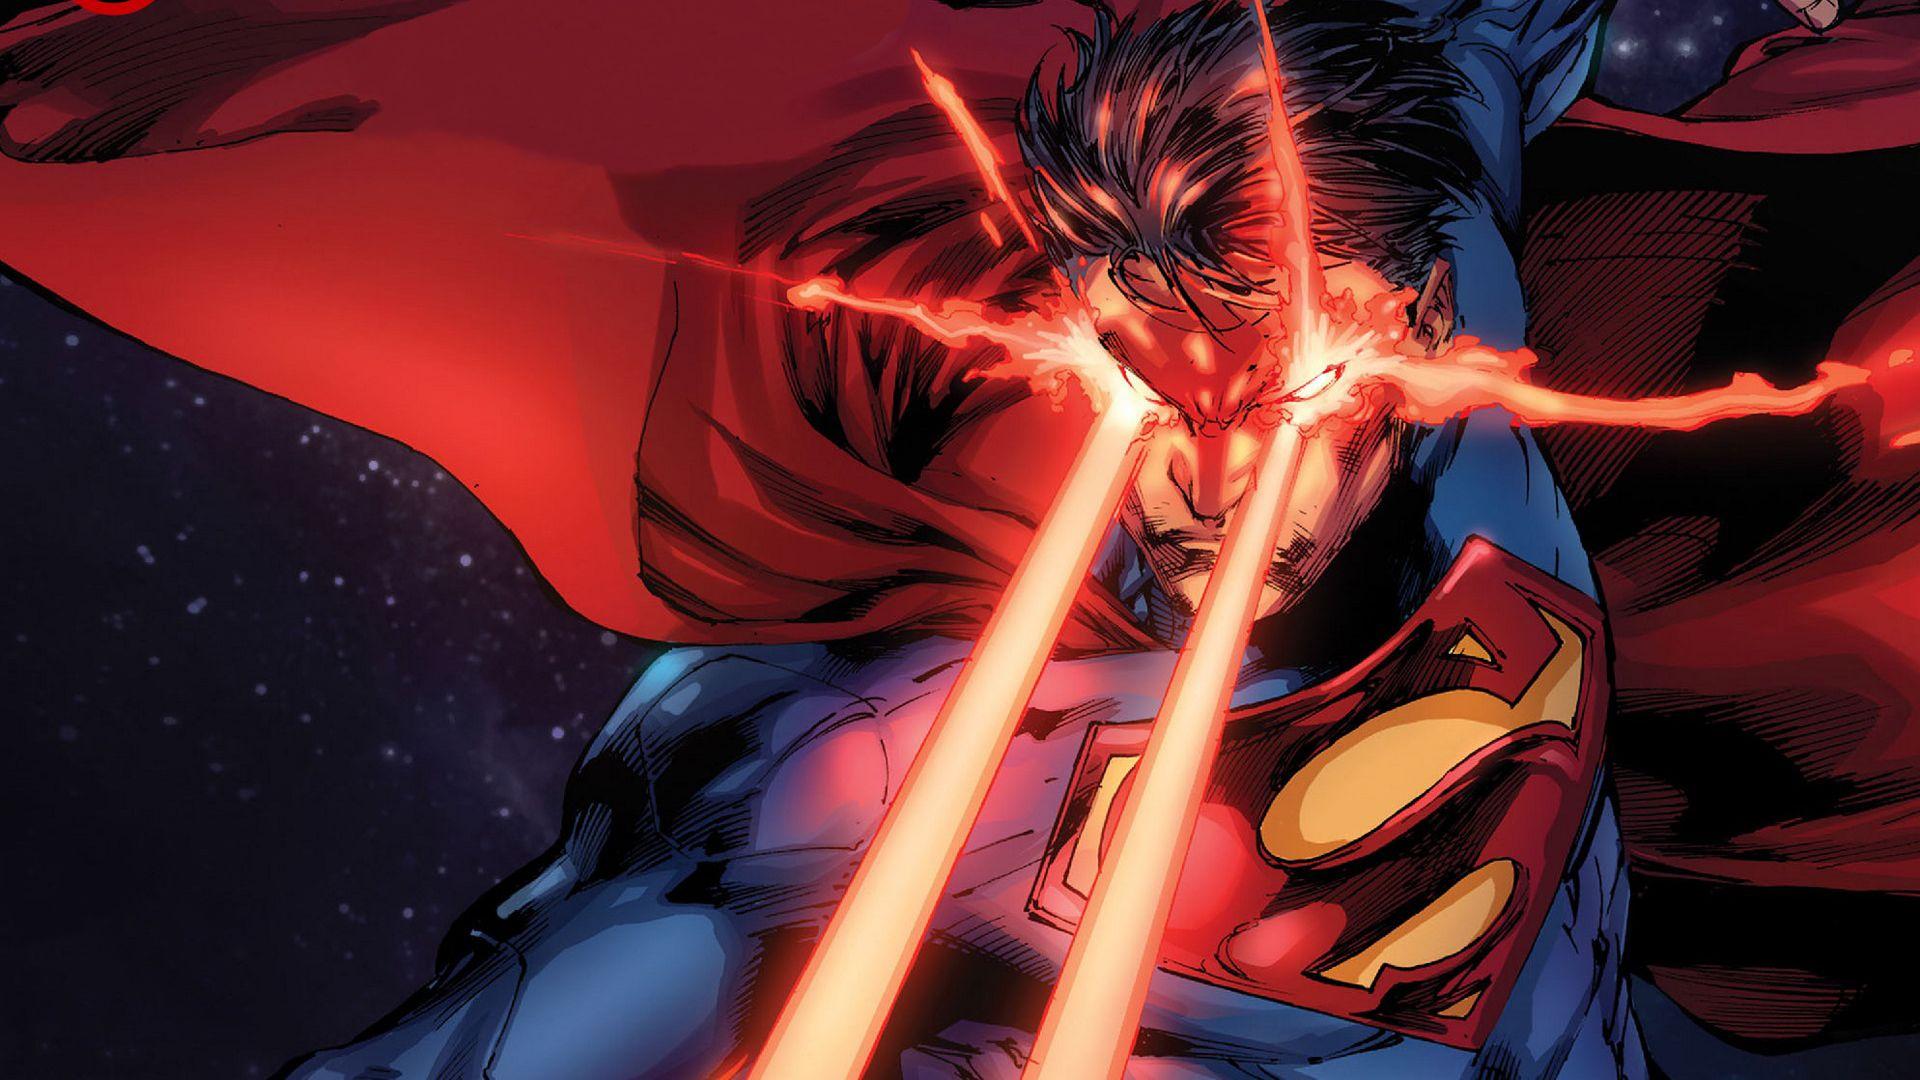 Comics superman wallpaper Full HD.